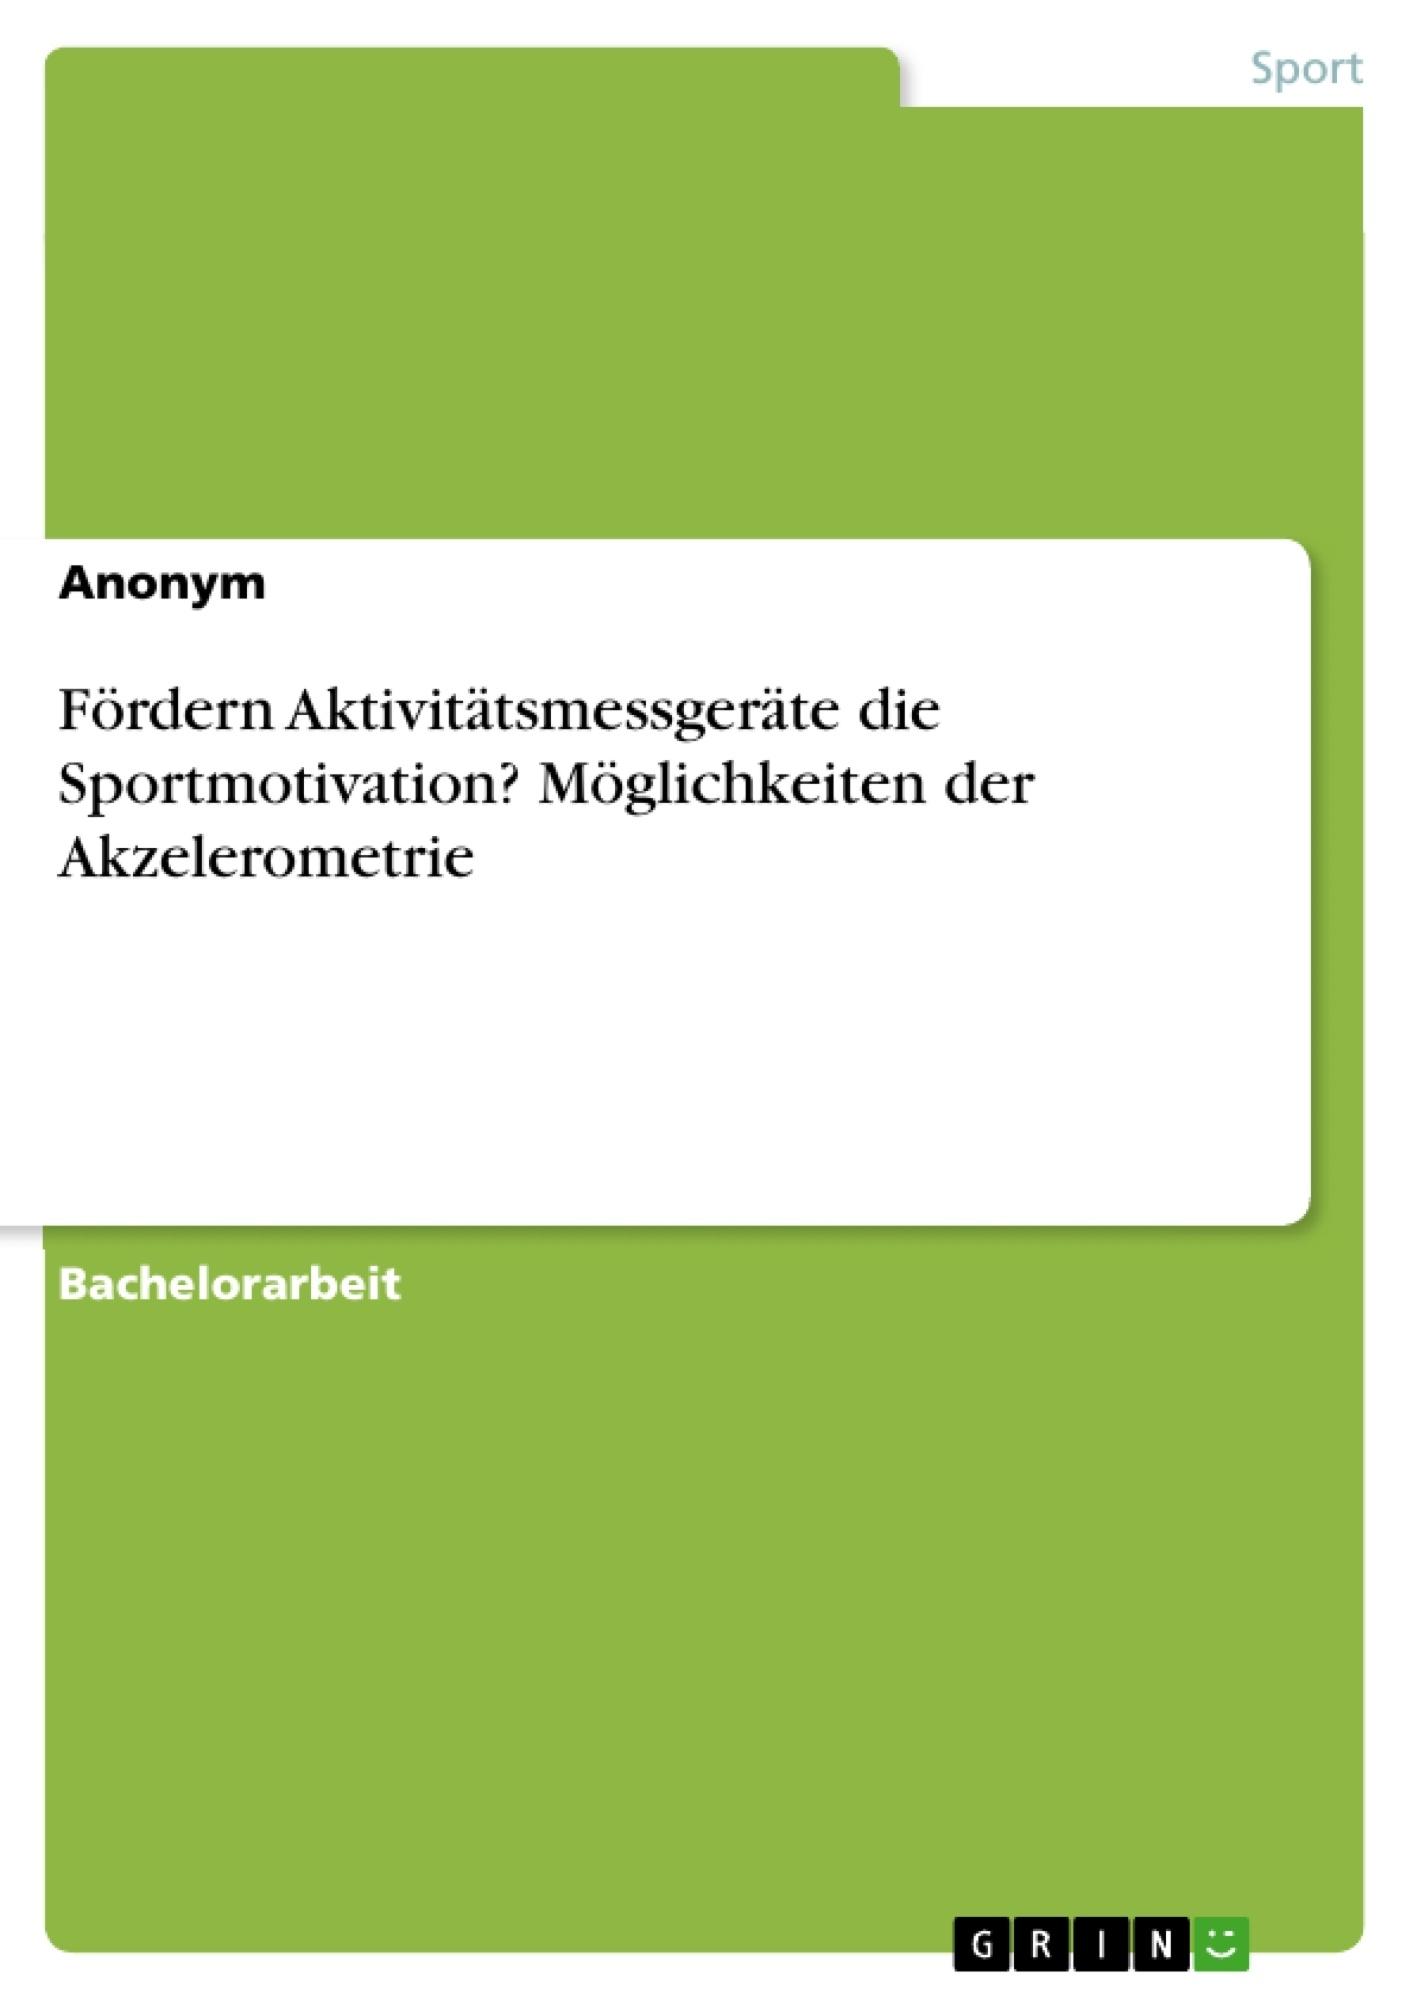 Titel: Fördern Aktivitätsmessgeräte die Sportmotivation? Möglichkeiten der Akzelerometrie